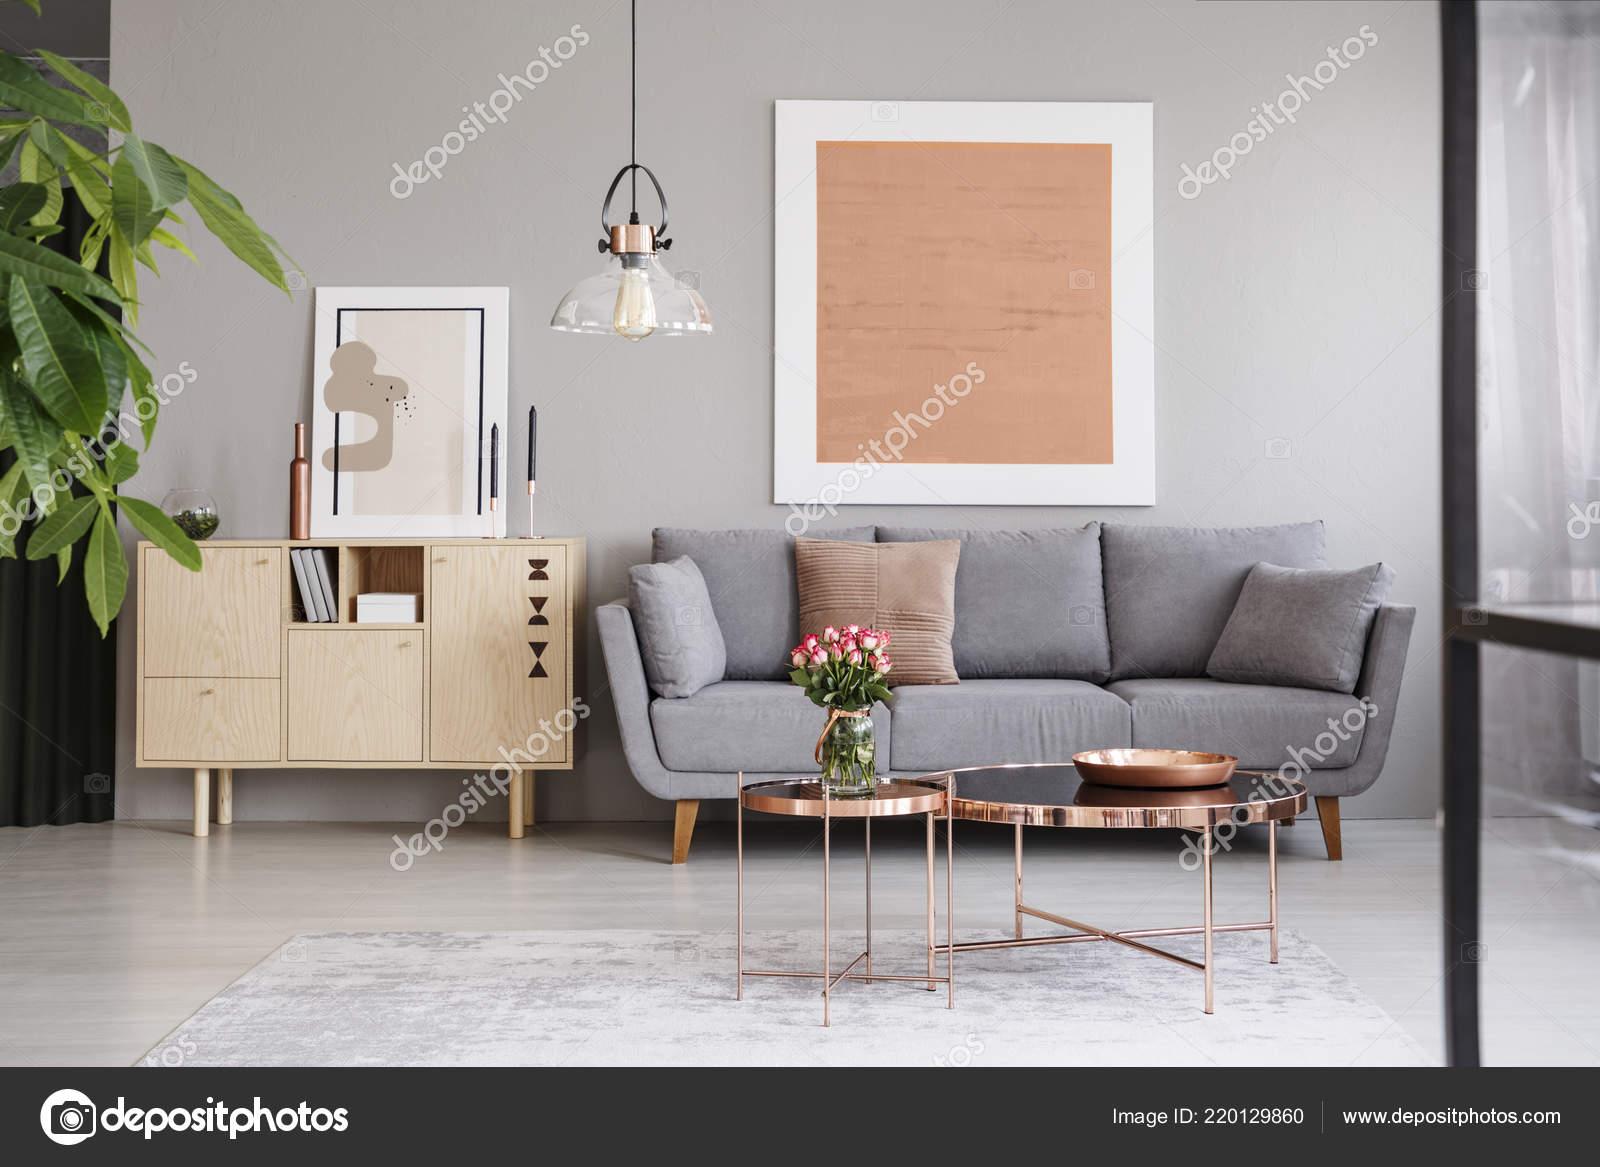 Großes Bild Auf Eine Graue Wand Oben Ein Elegantes Sofa ...